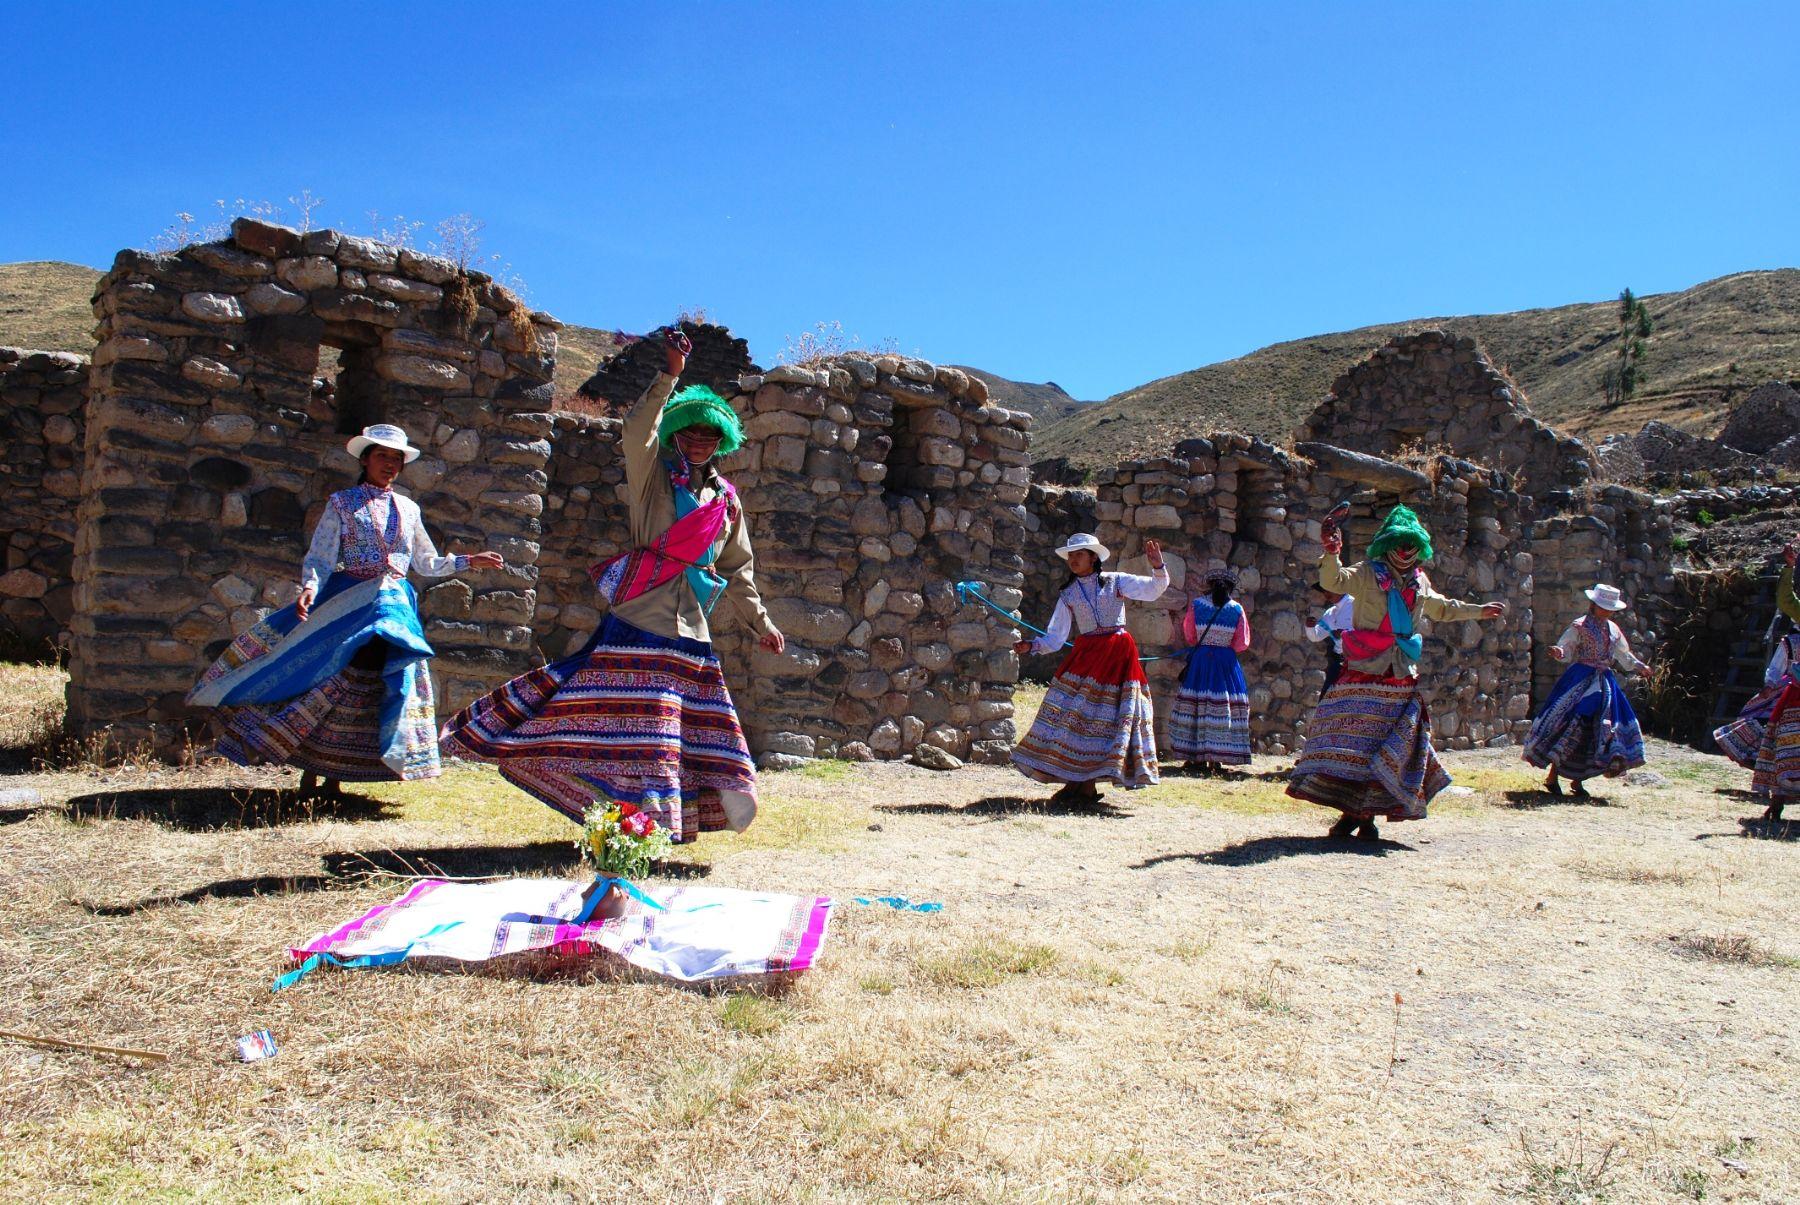 Los trabajos de restauración y puesta en valor del complejo arqueológico Uyo Uyo, en el valle del Colca, Arequipa, demandaron tres años.